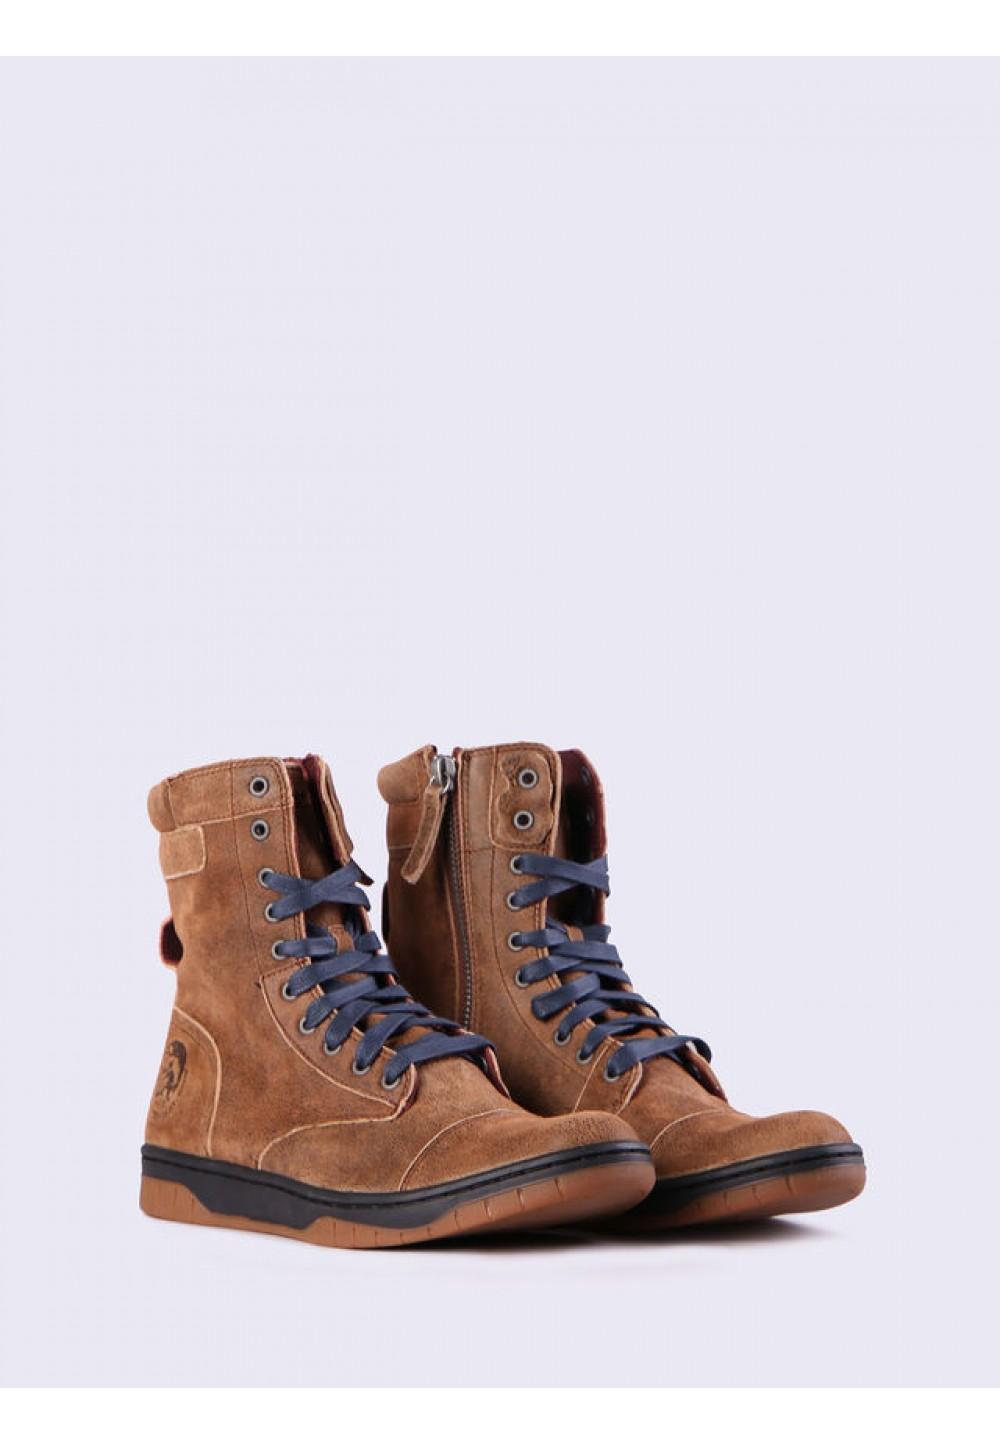 Коричневые ботинки BASKET BUTCH ZIPPY